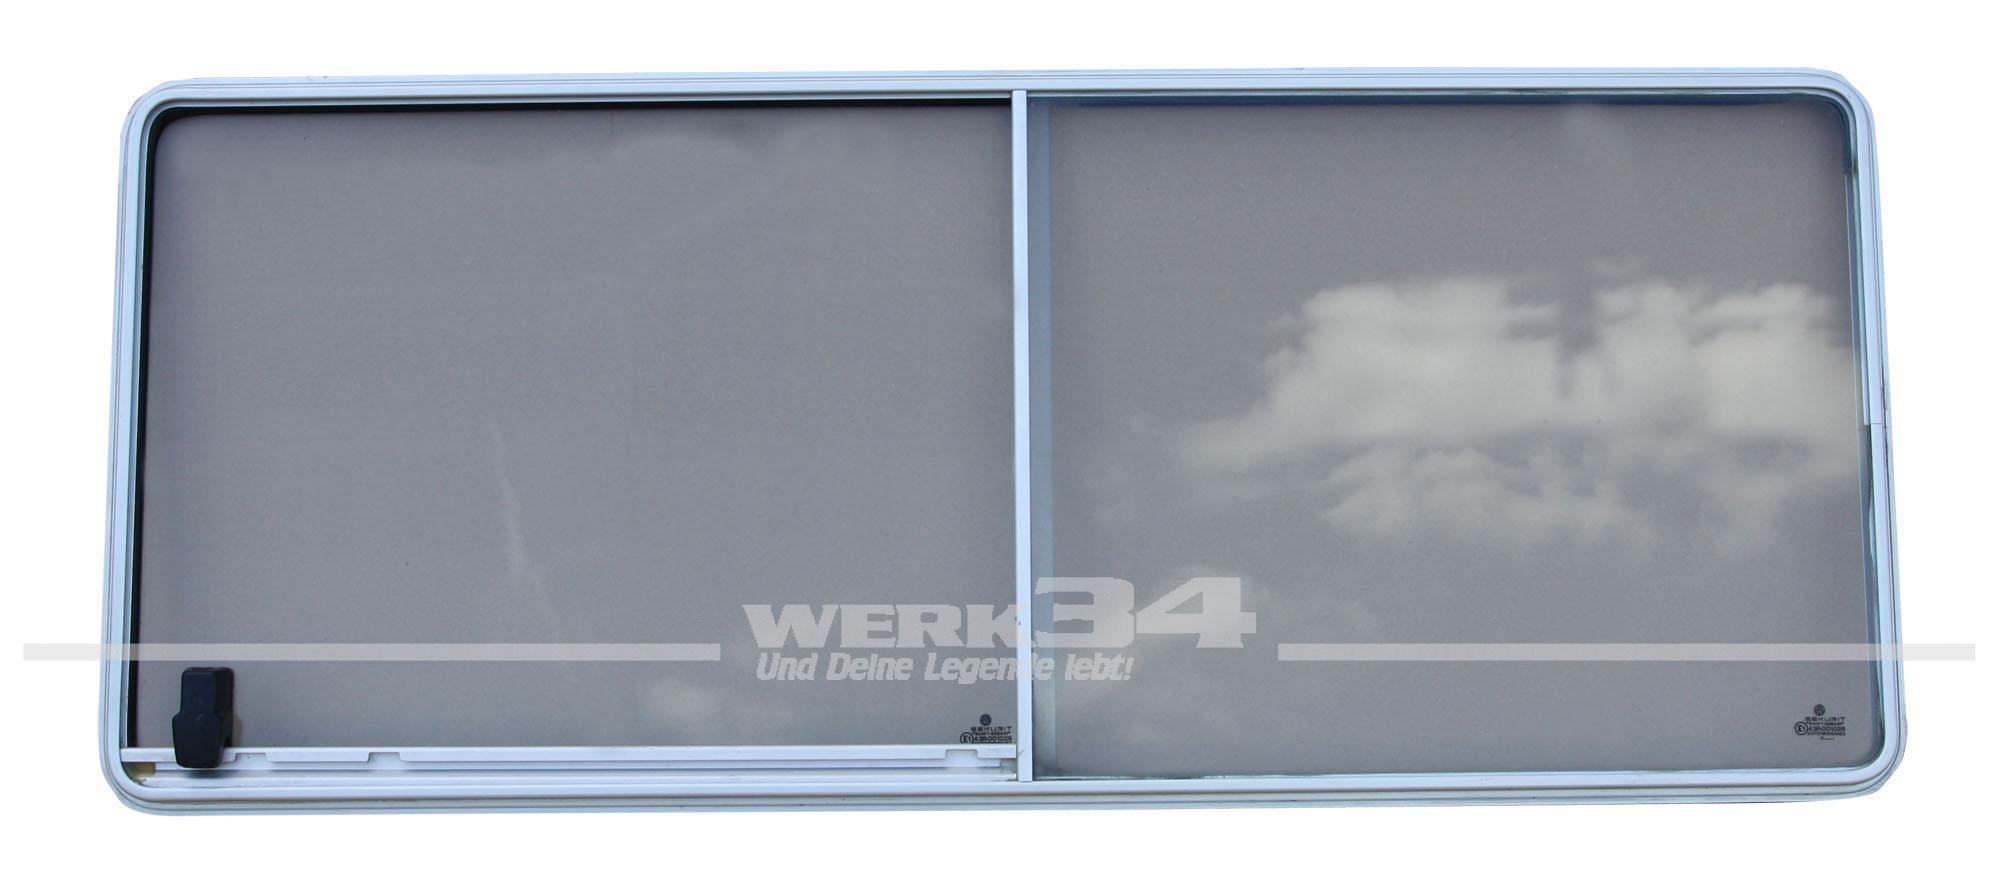 schiebefenster lt rechts für einbau in schiebetür | karosserieteile